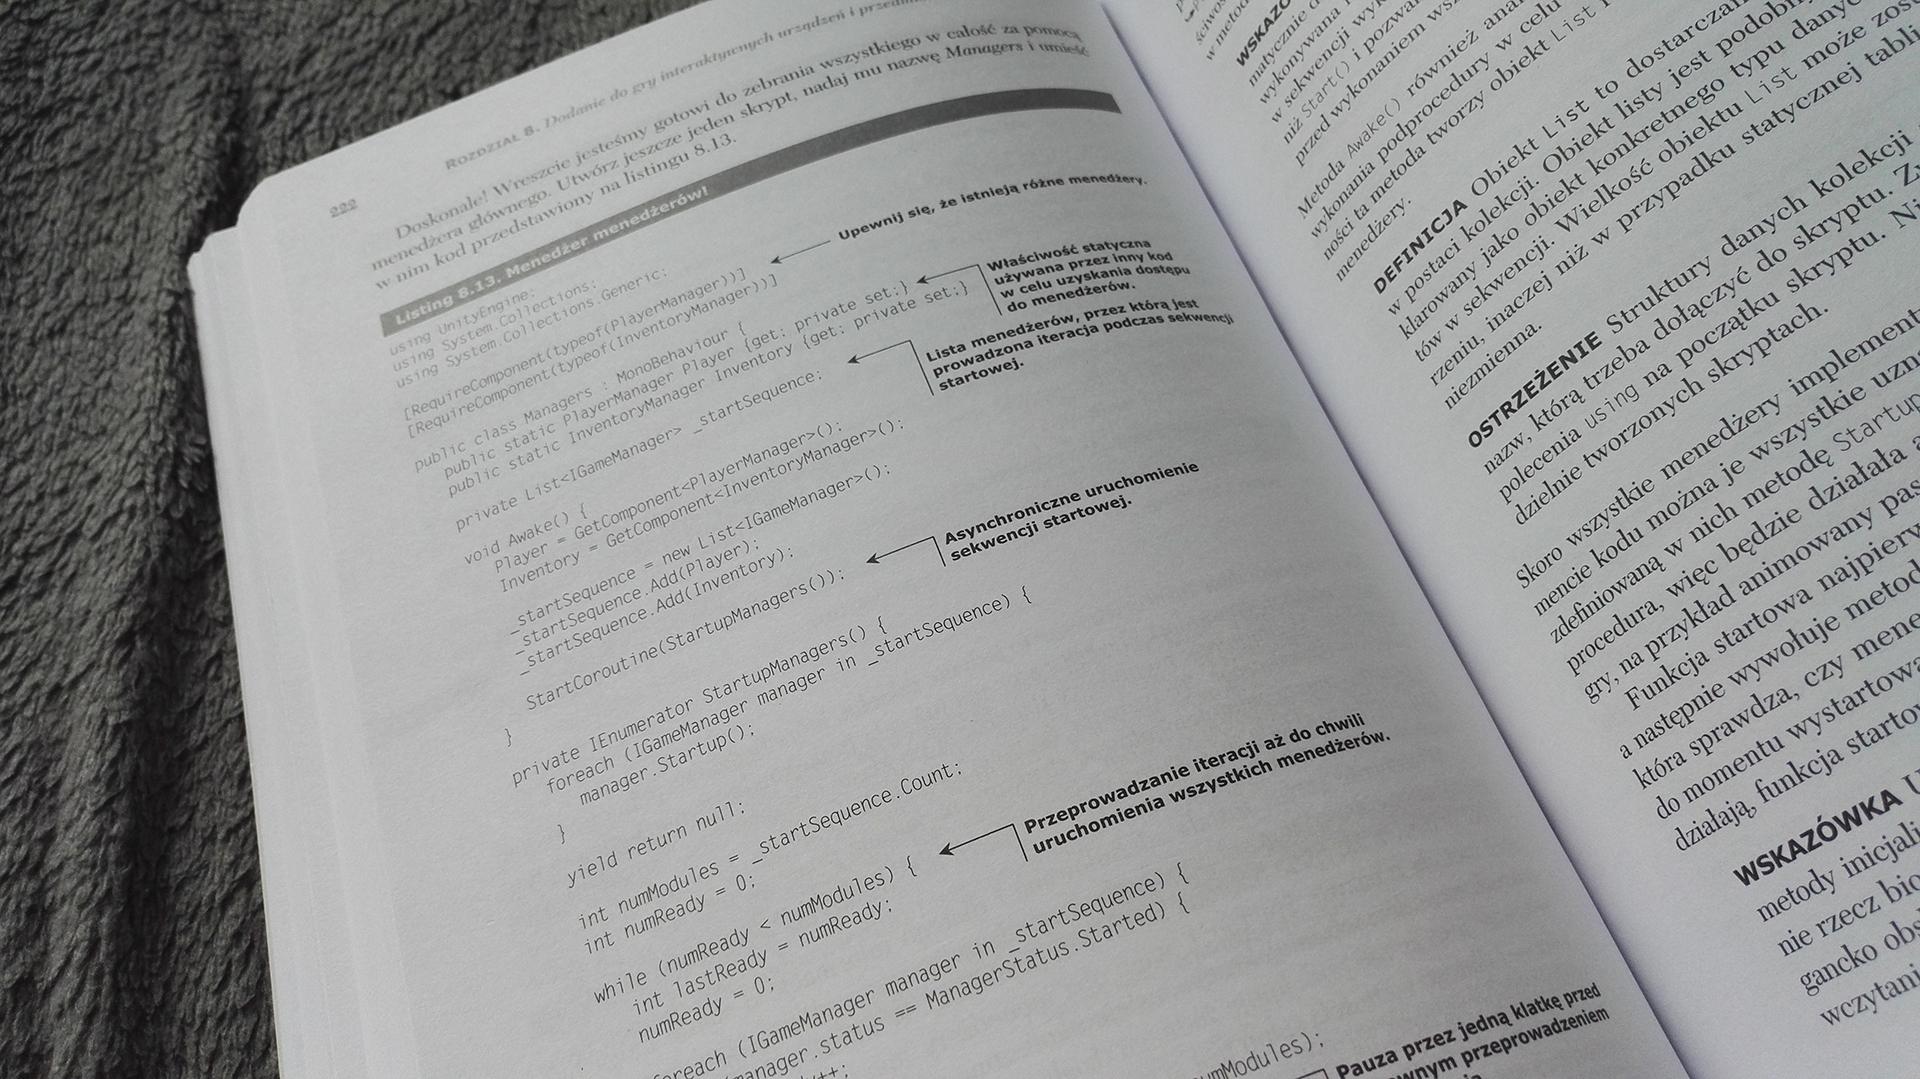 Kod jest napisany bardzo ładnie, a do tego dobrze opisany